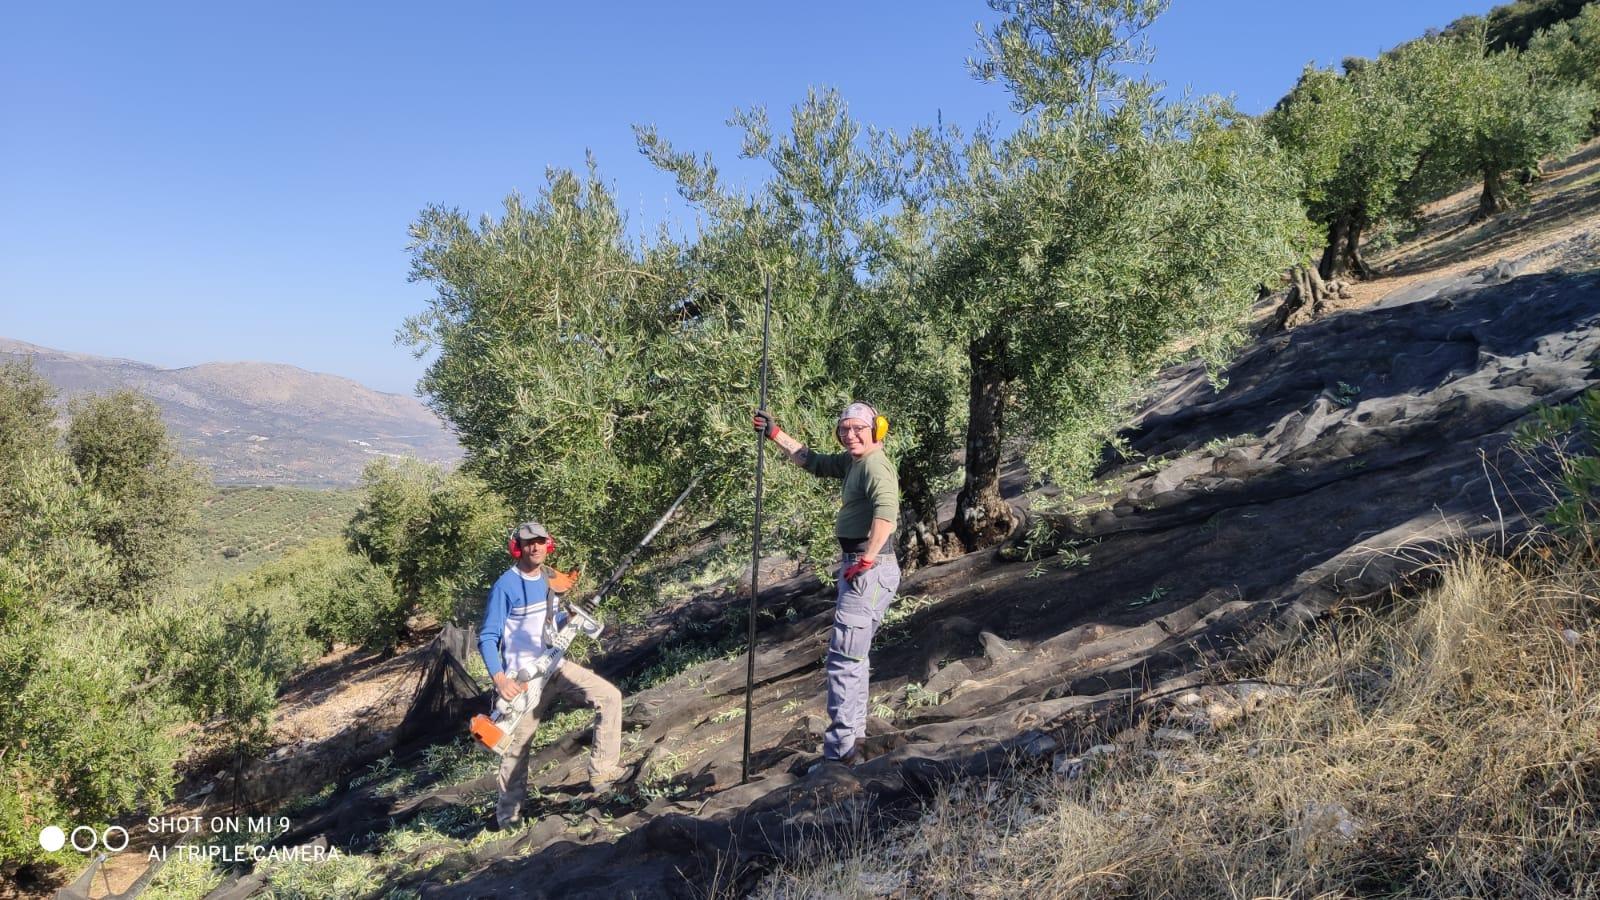 Un dia de trabajo en nuestra finca la joya del monte de Priego de Córdoba, en donde se aprecia la recogida de aceituna en nuestros olivos de montaña con gran pendiente.